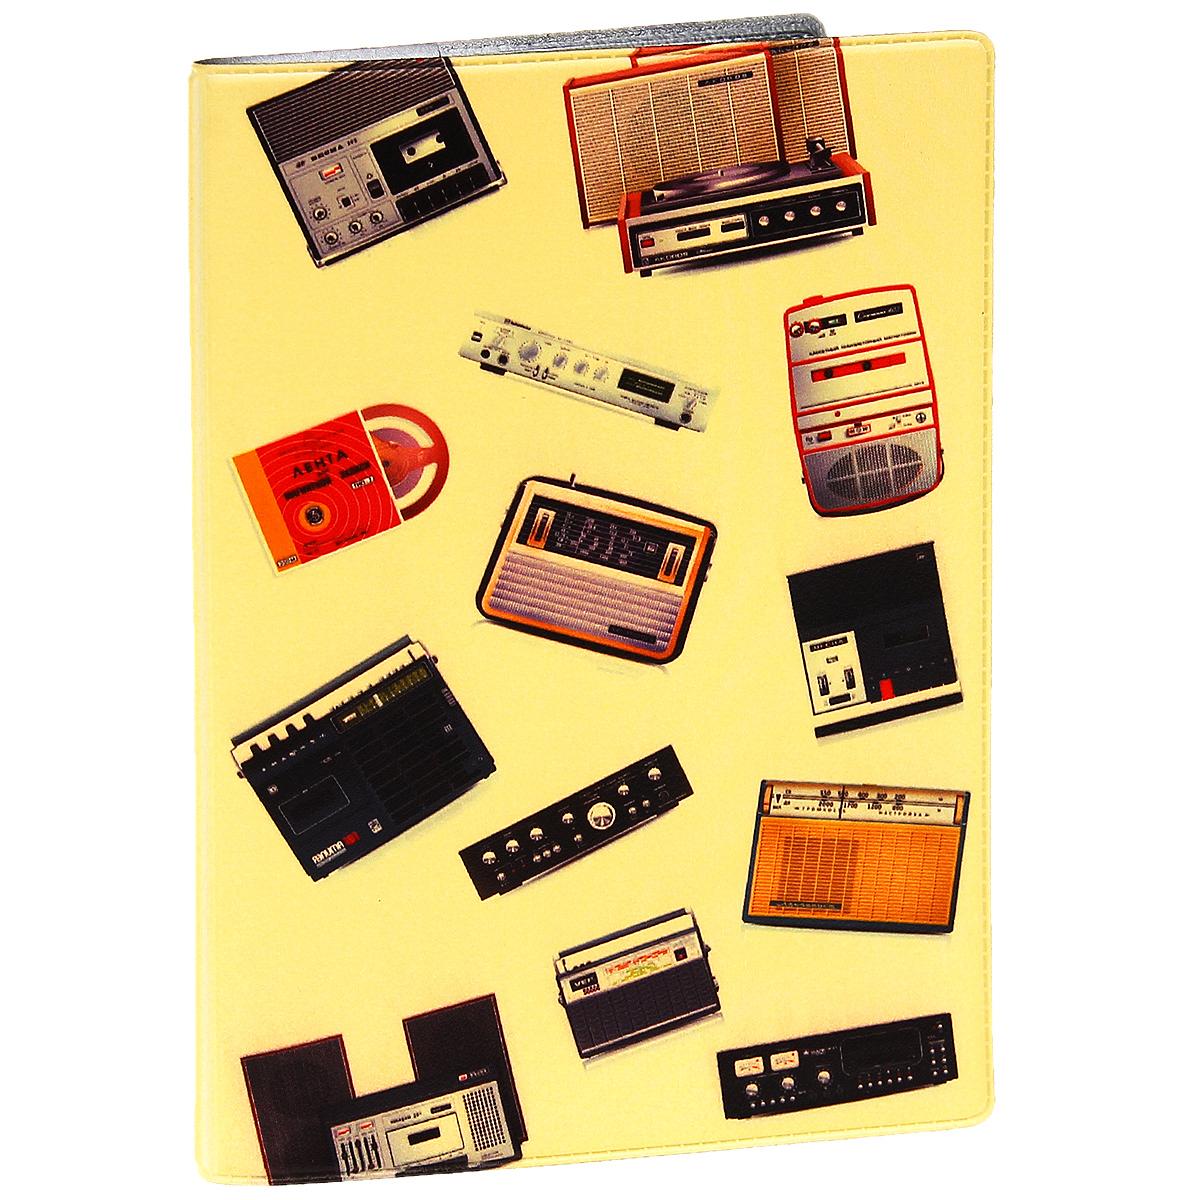 Обложка для паспорта Радиоприемники. OZAM279100Обложка для паспорта Mitya Veselkov Радиоприемники выполнена из прочного ПВХ и оформлена изображением звуковой аппаратуры. Такая обложка не только поможет сохранить внешний вид ваших документов и защитит их от повреждений, но и станет стильным аксессуаром, идеально подходящим вашему образу.Яркая и оригинальная обложка подчеркнет вашу индивидуальность и изысканный вкус. Обложка для паспорта стильного дизайна может быть достойным и оригинальным подарком.